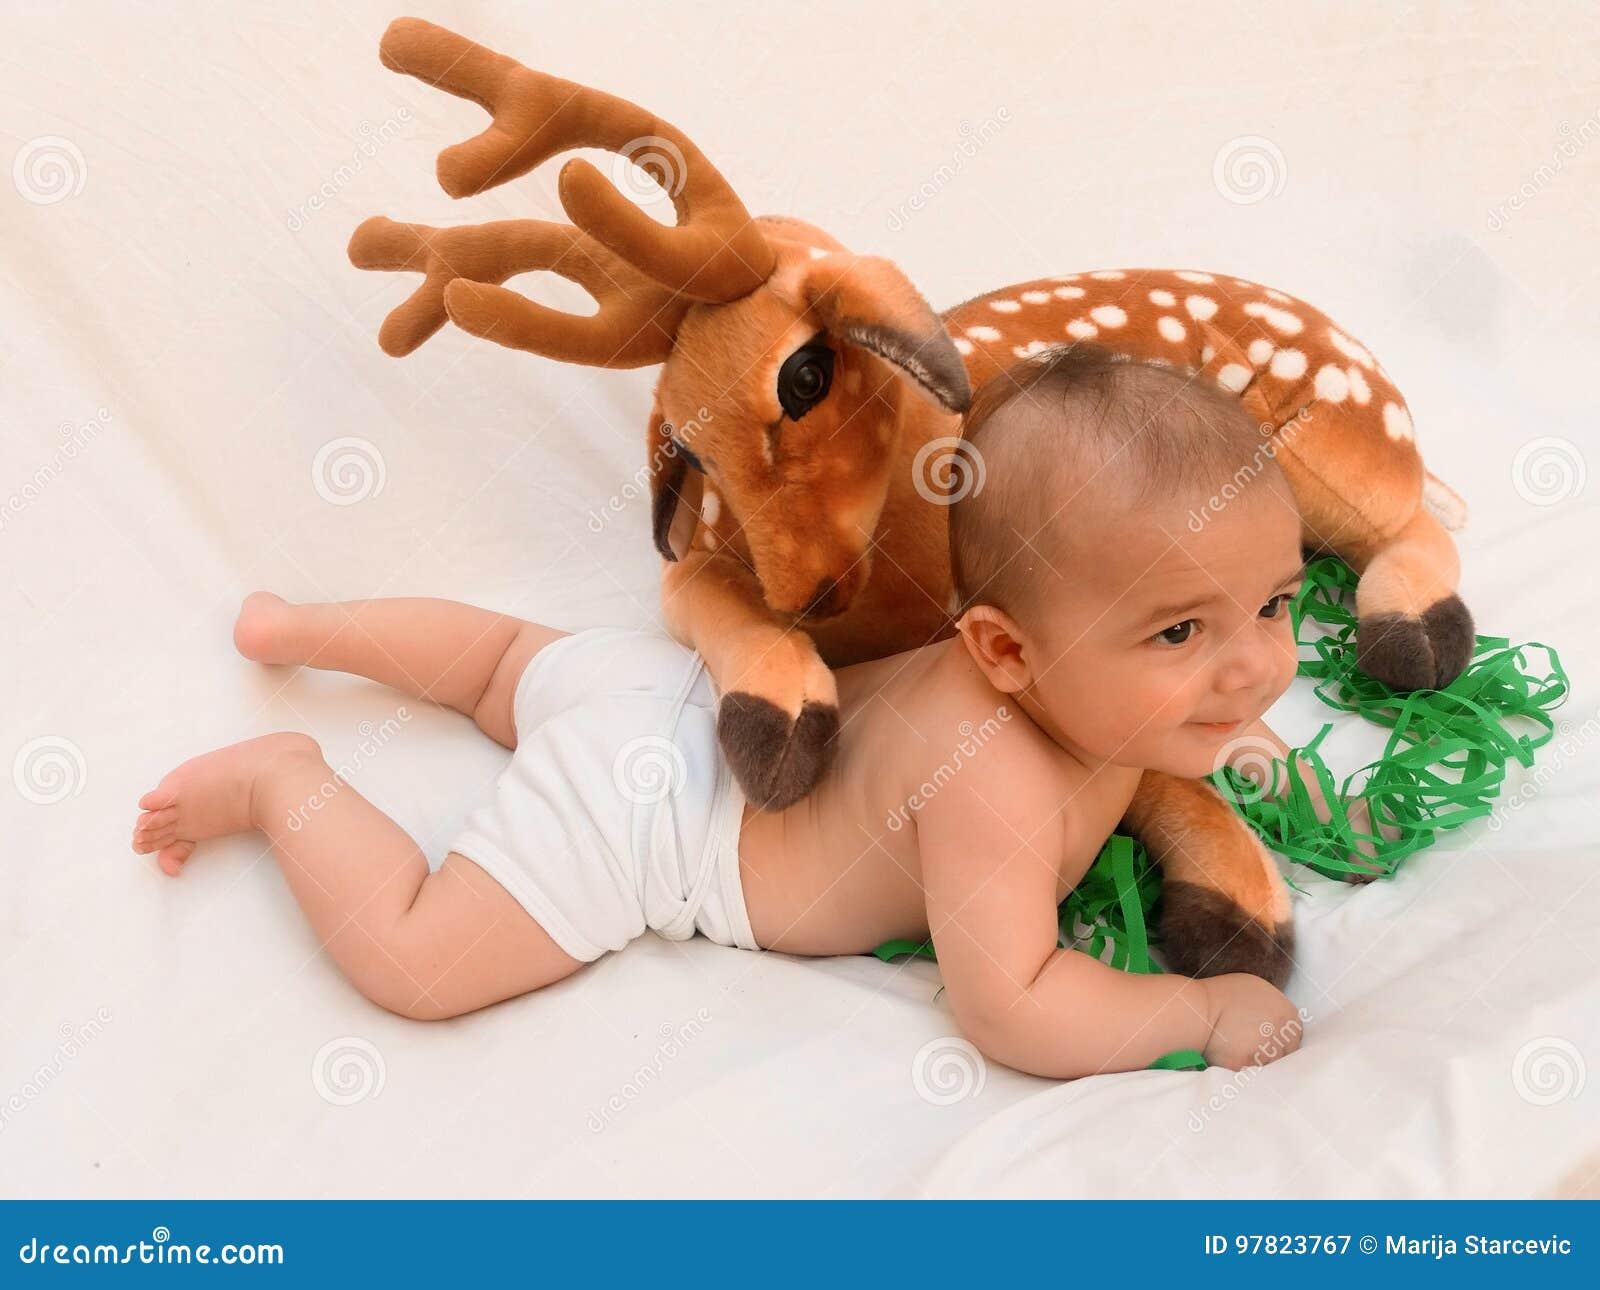 866a11747b 4 mesi del neonato che gioca con il giocattolo molle caro ed il fondo di  bianco del pulcino. Più immagini stock simili